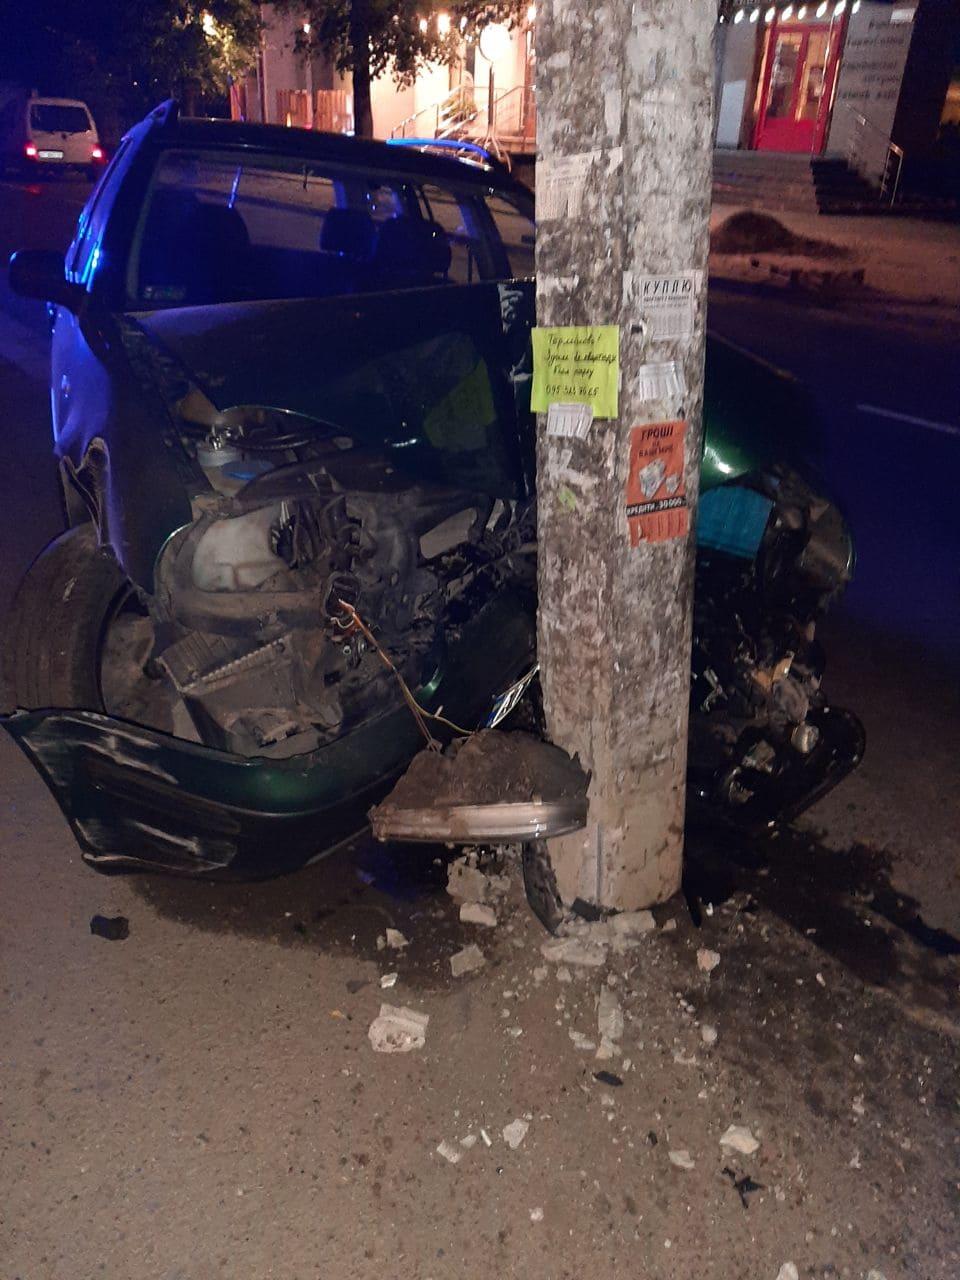 Вночі на Чорновола водій з ознаками сп'яніння не розминувся з електричним стовпом (ФОТО)